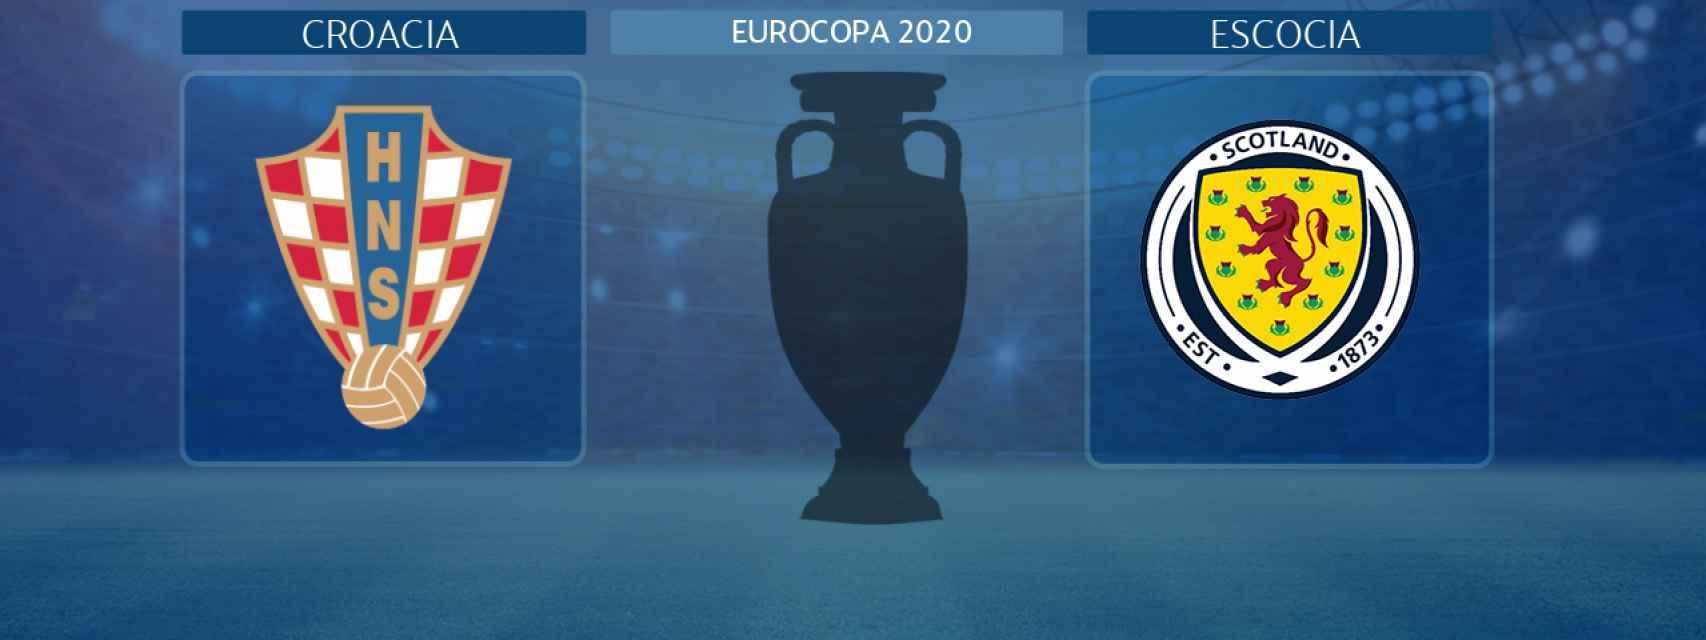 Croacia - Escocia, partido de la Eurocopa 2020